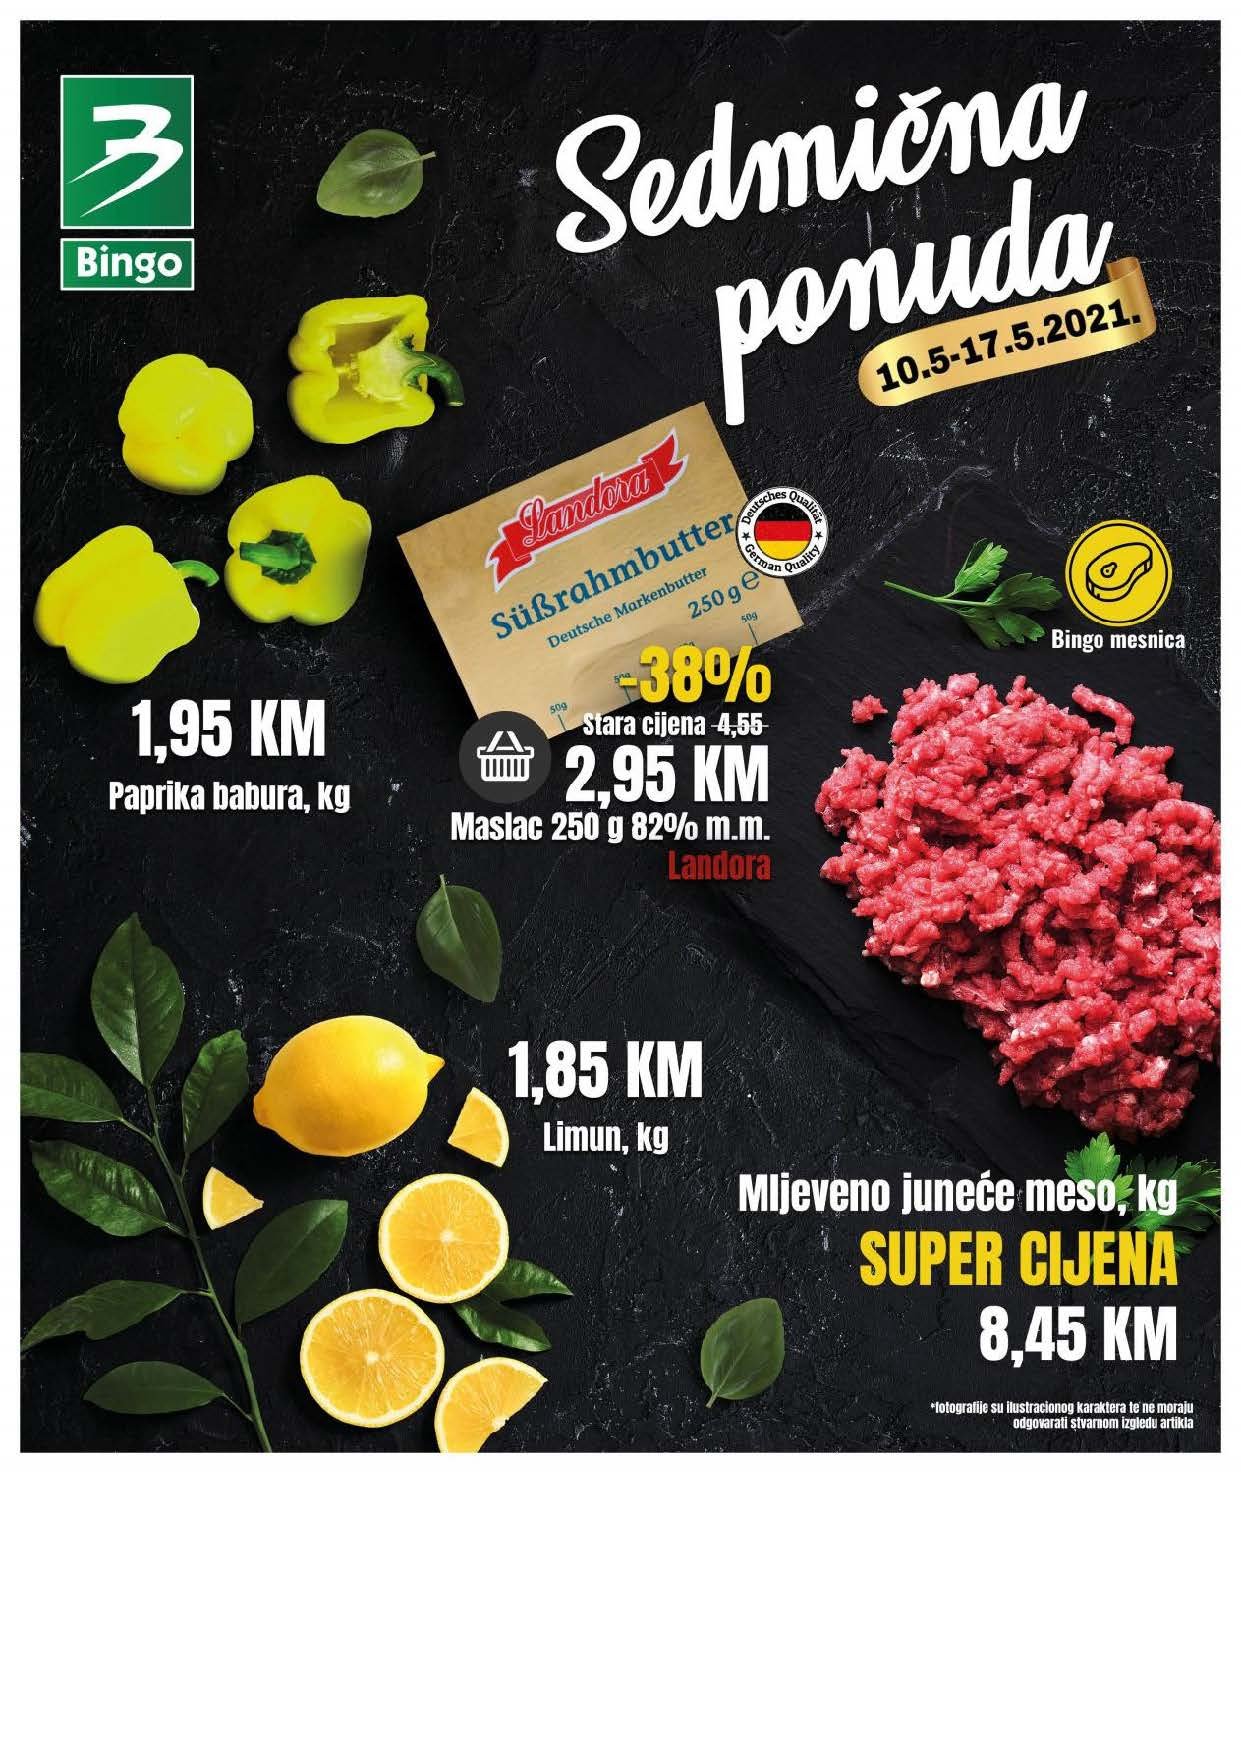 BINGO Katalog NOVA AKCIJA Sedmicna ponuda BINGO 10.05.2021. 17.05.2021. Page 01